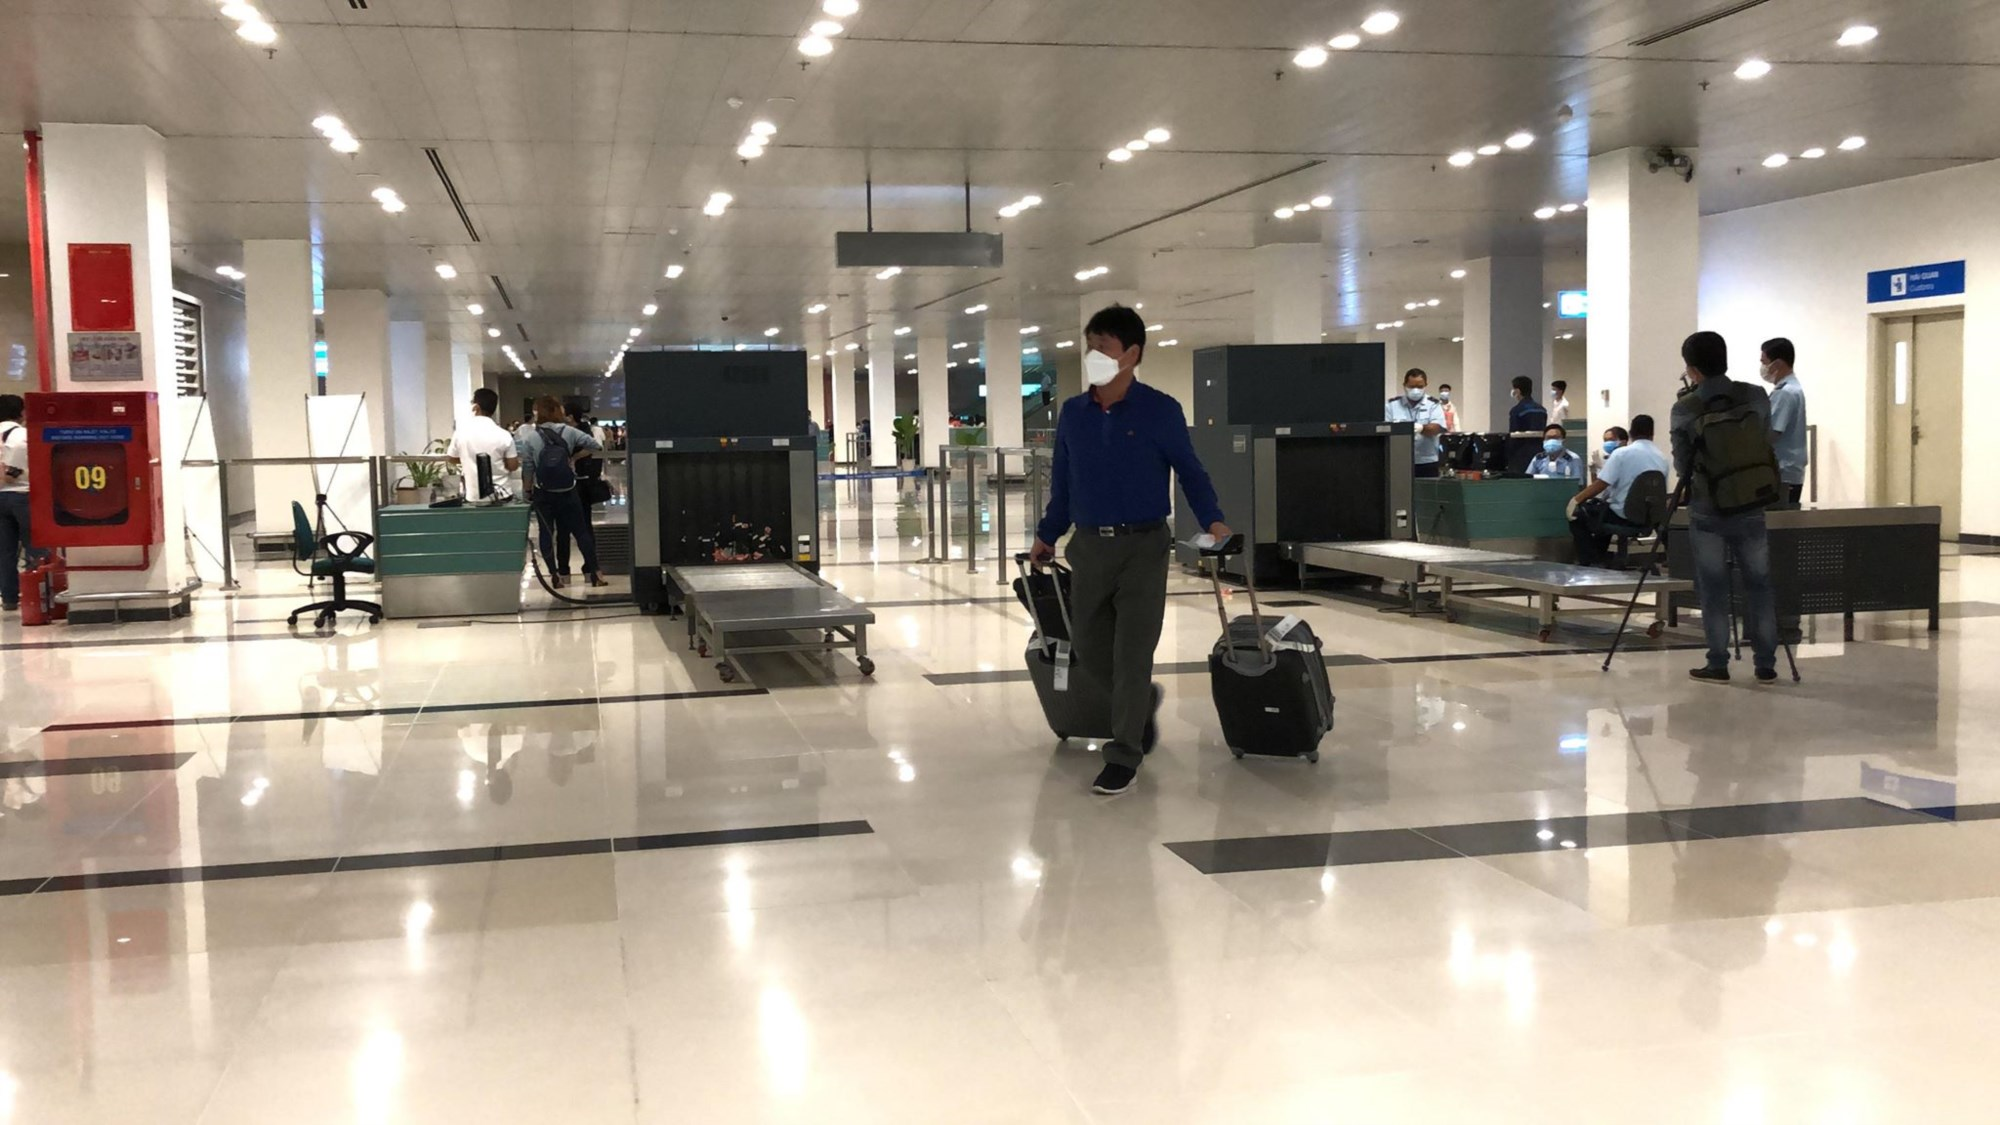 Hành khách đi trên chuyến bay từ Hàn Quốc đáp xuống sân bay ở TP.Cần Thơ đều được kiểm tra sức khỏe và khai báo y tế.